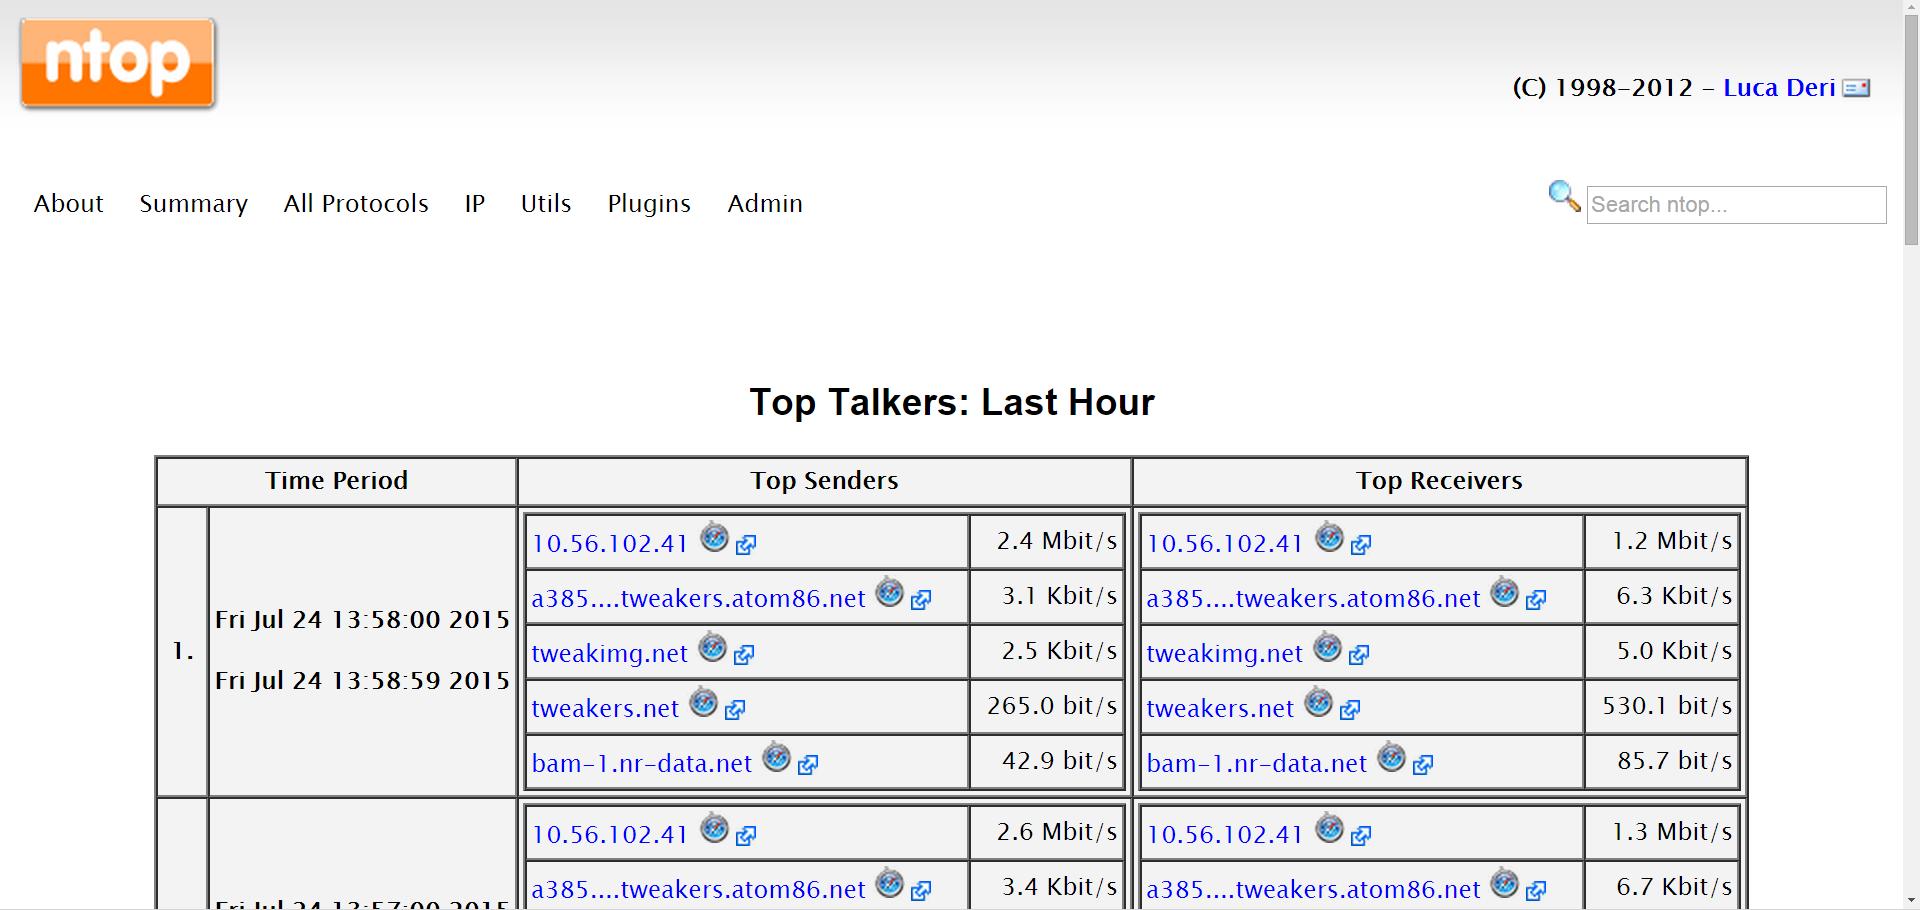 ntop top talkers